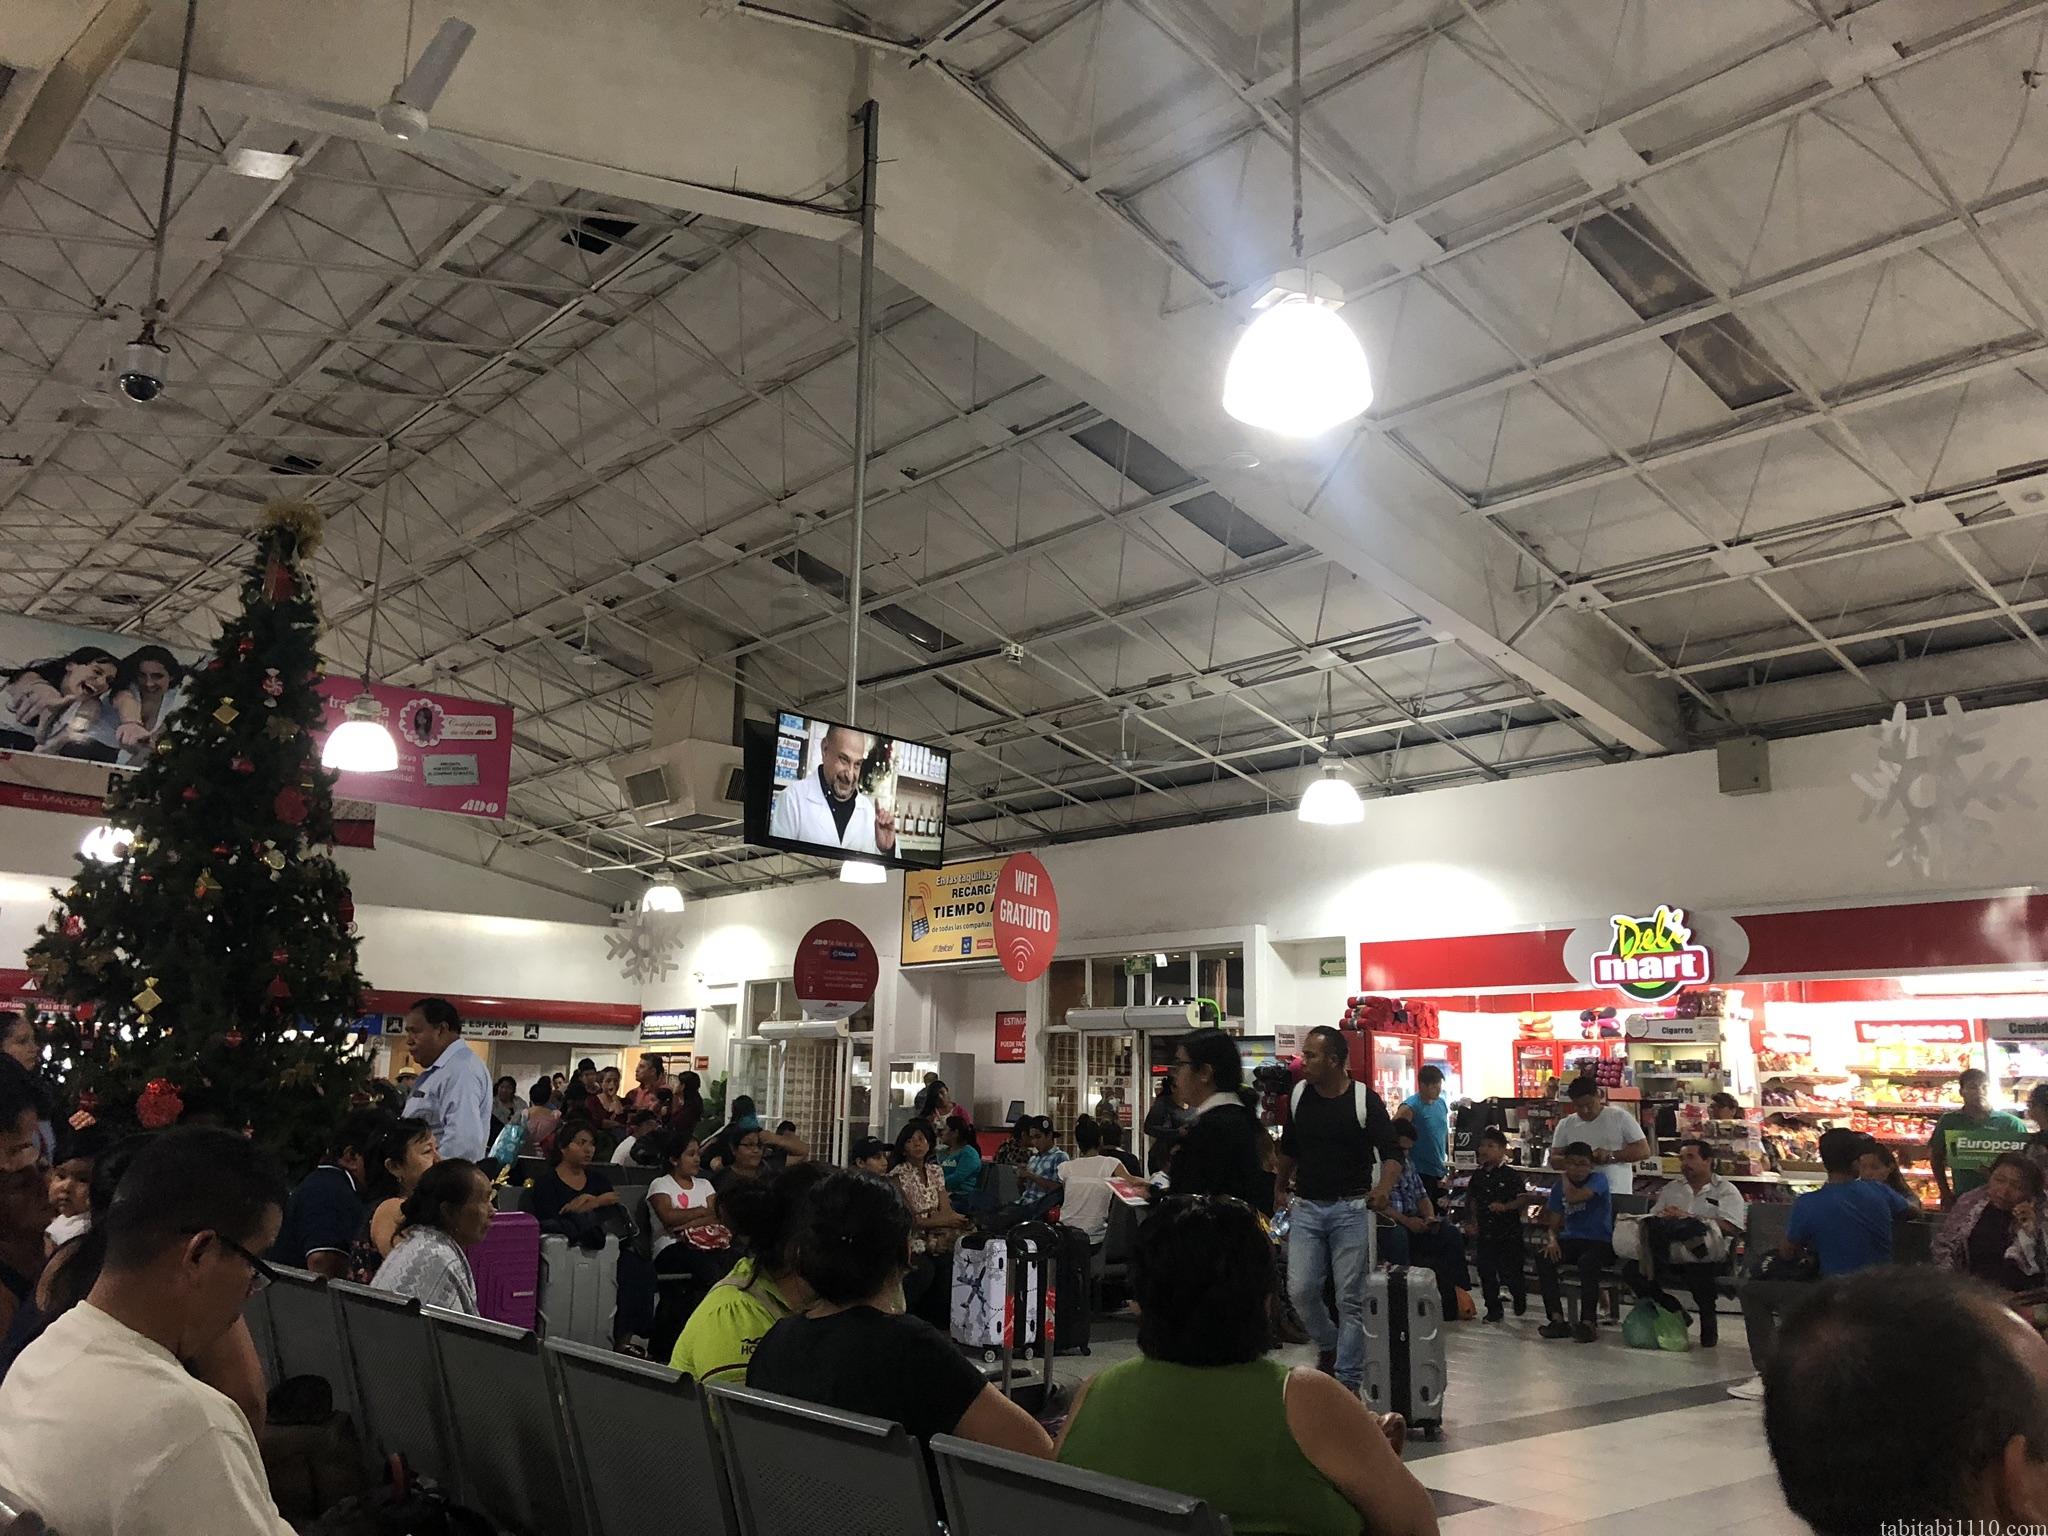 メリダからパレンケへバス移動|メリダのバスターミナル